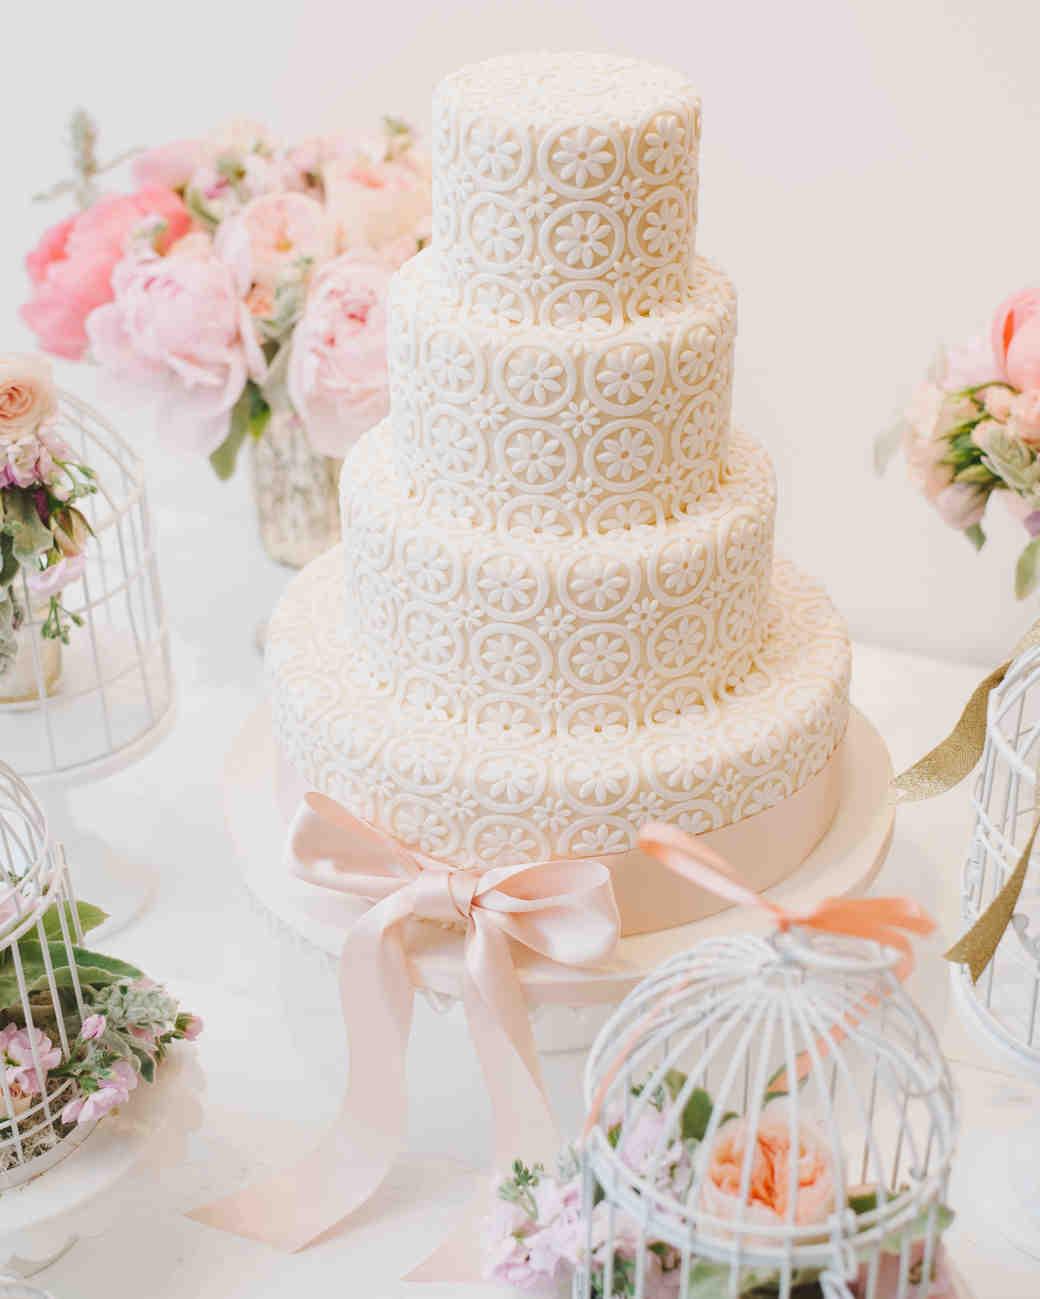 eyelet lace cake